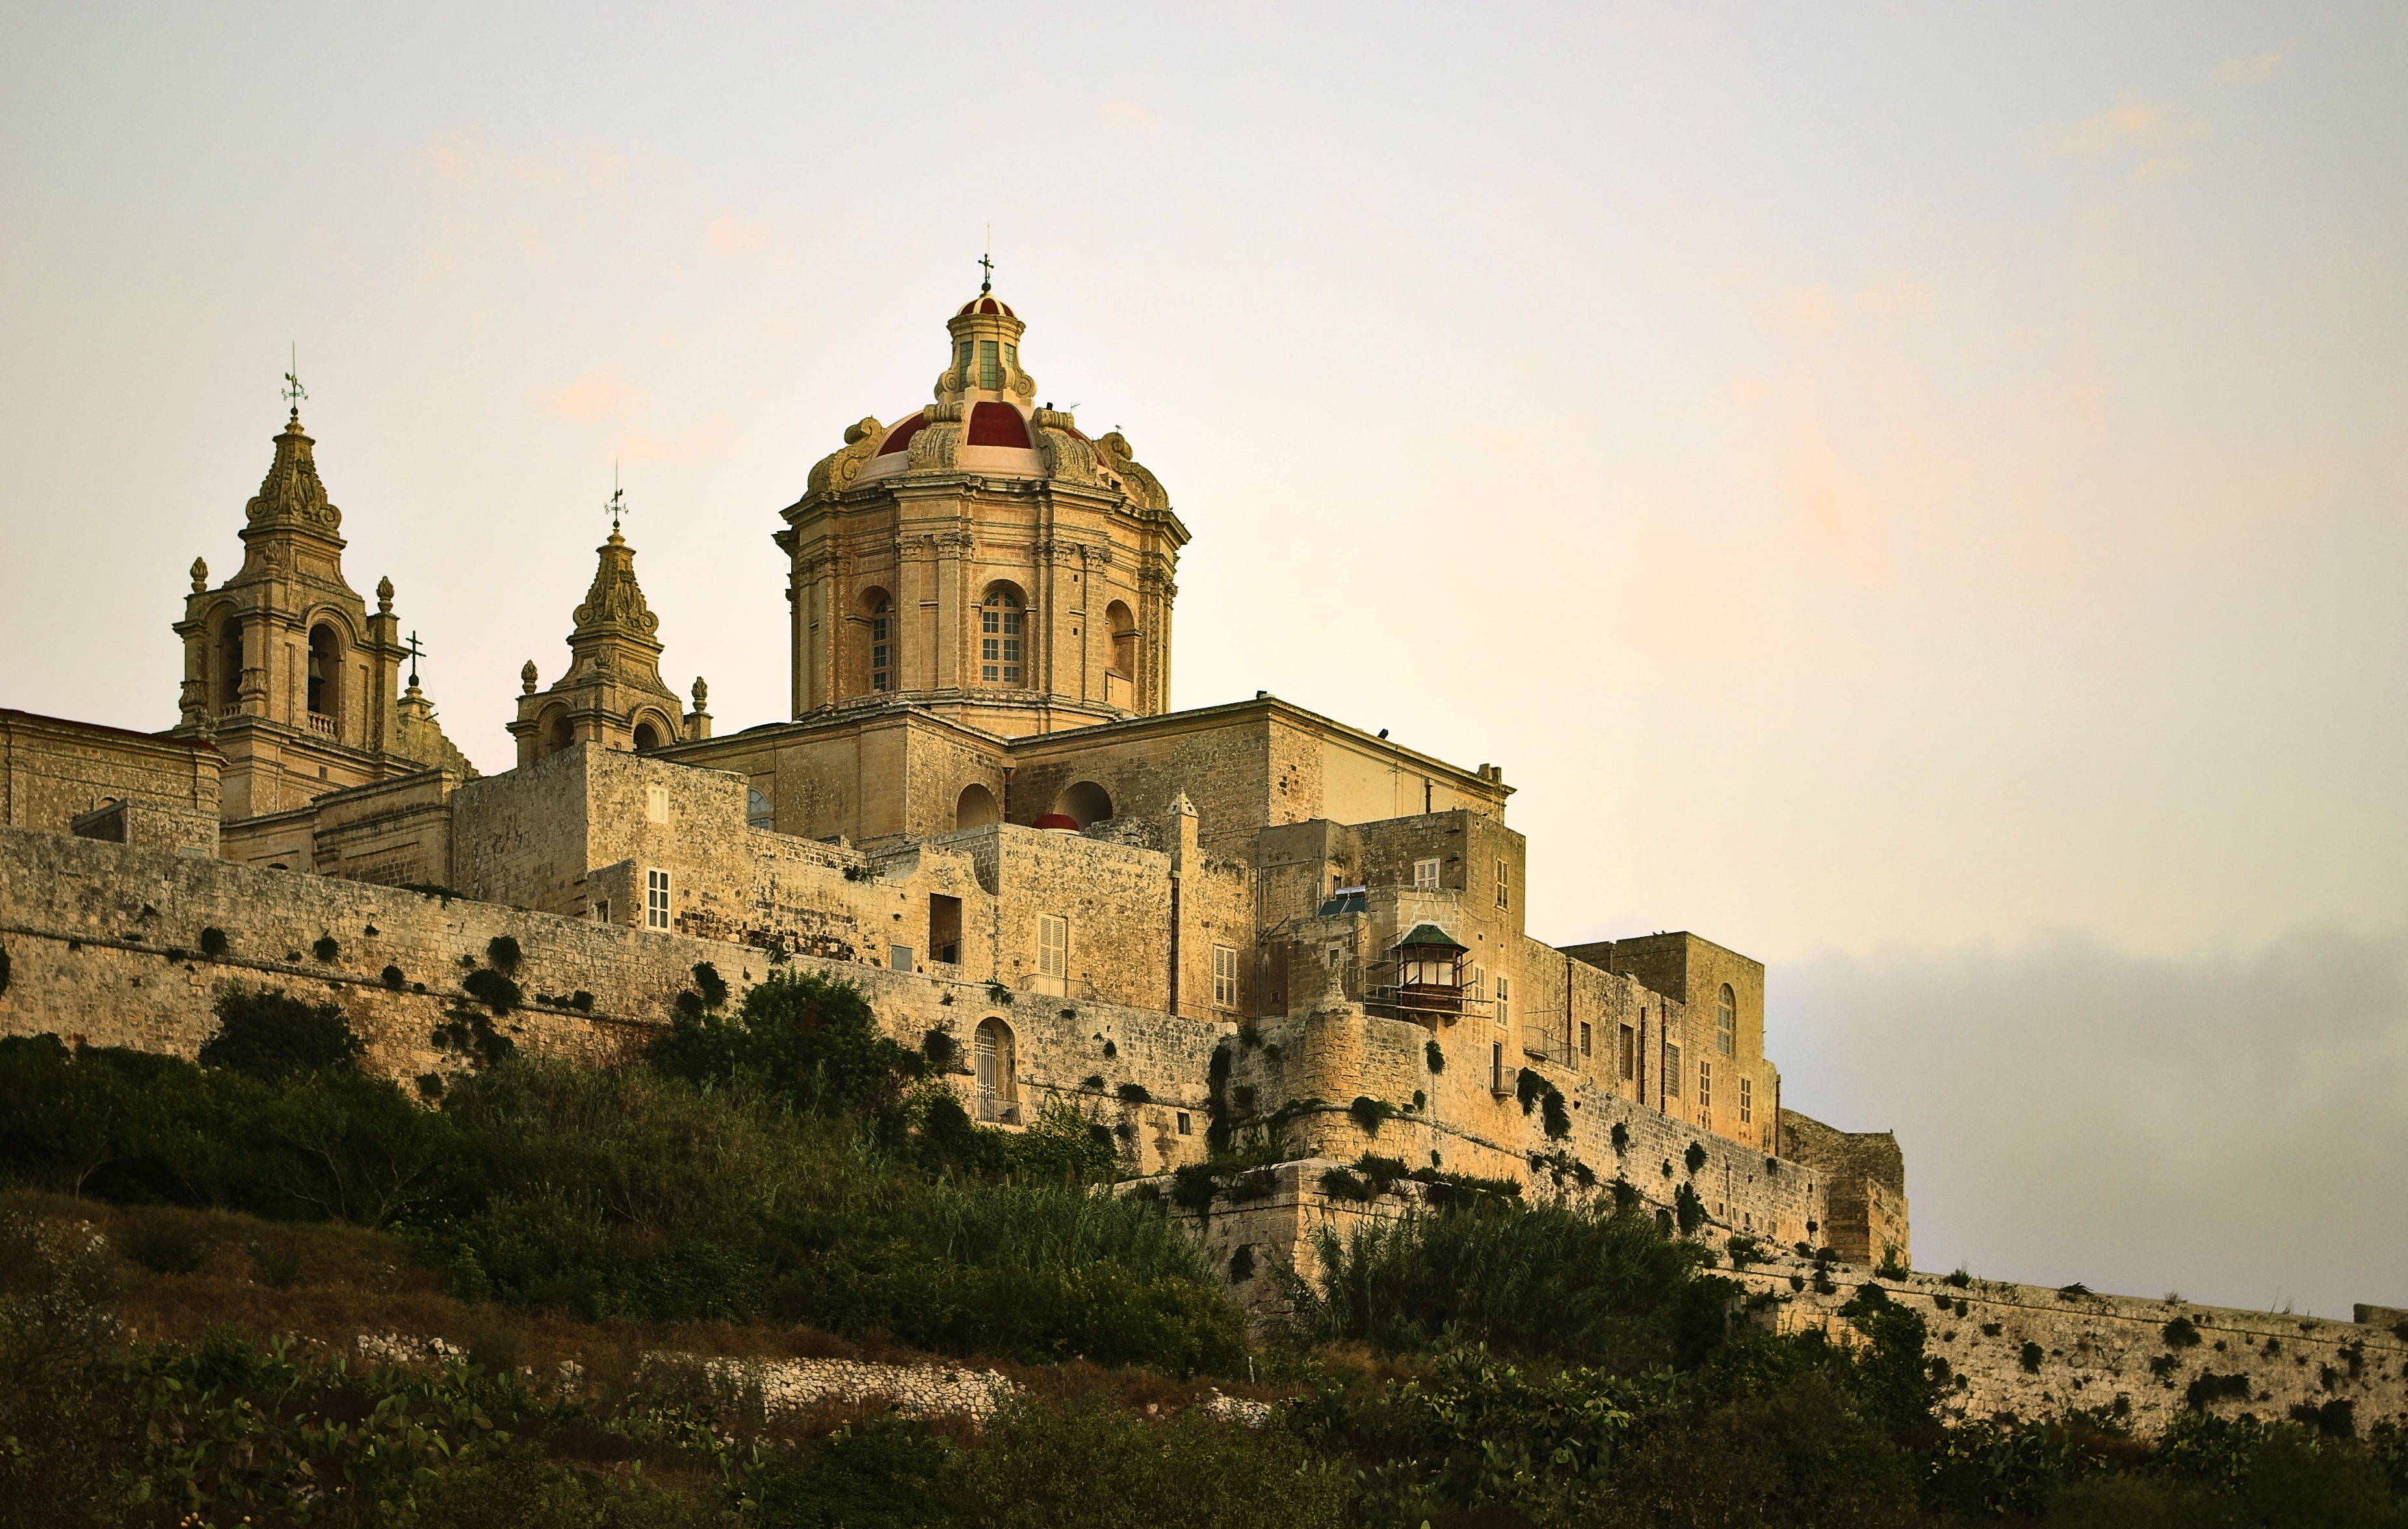 Mdina, Malta's original capital